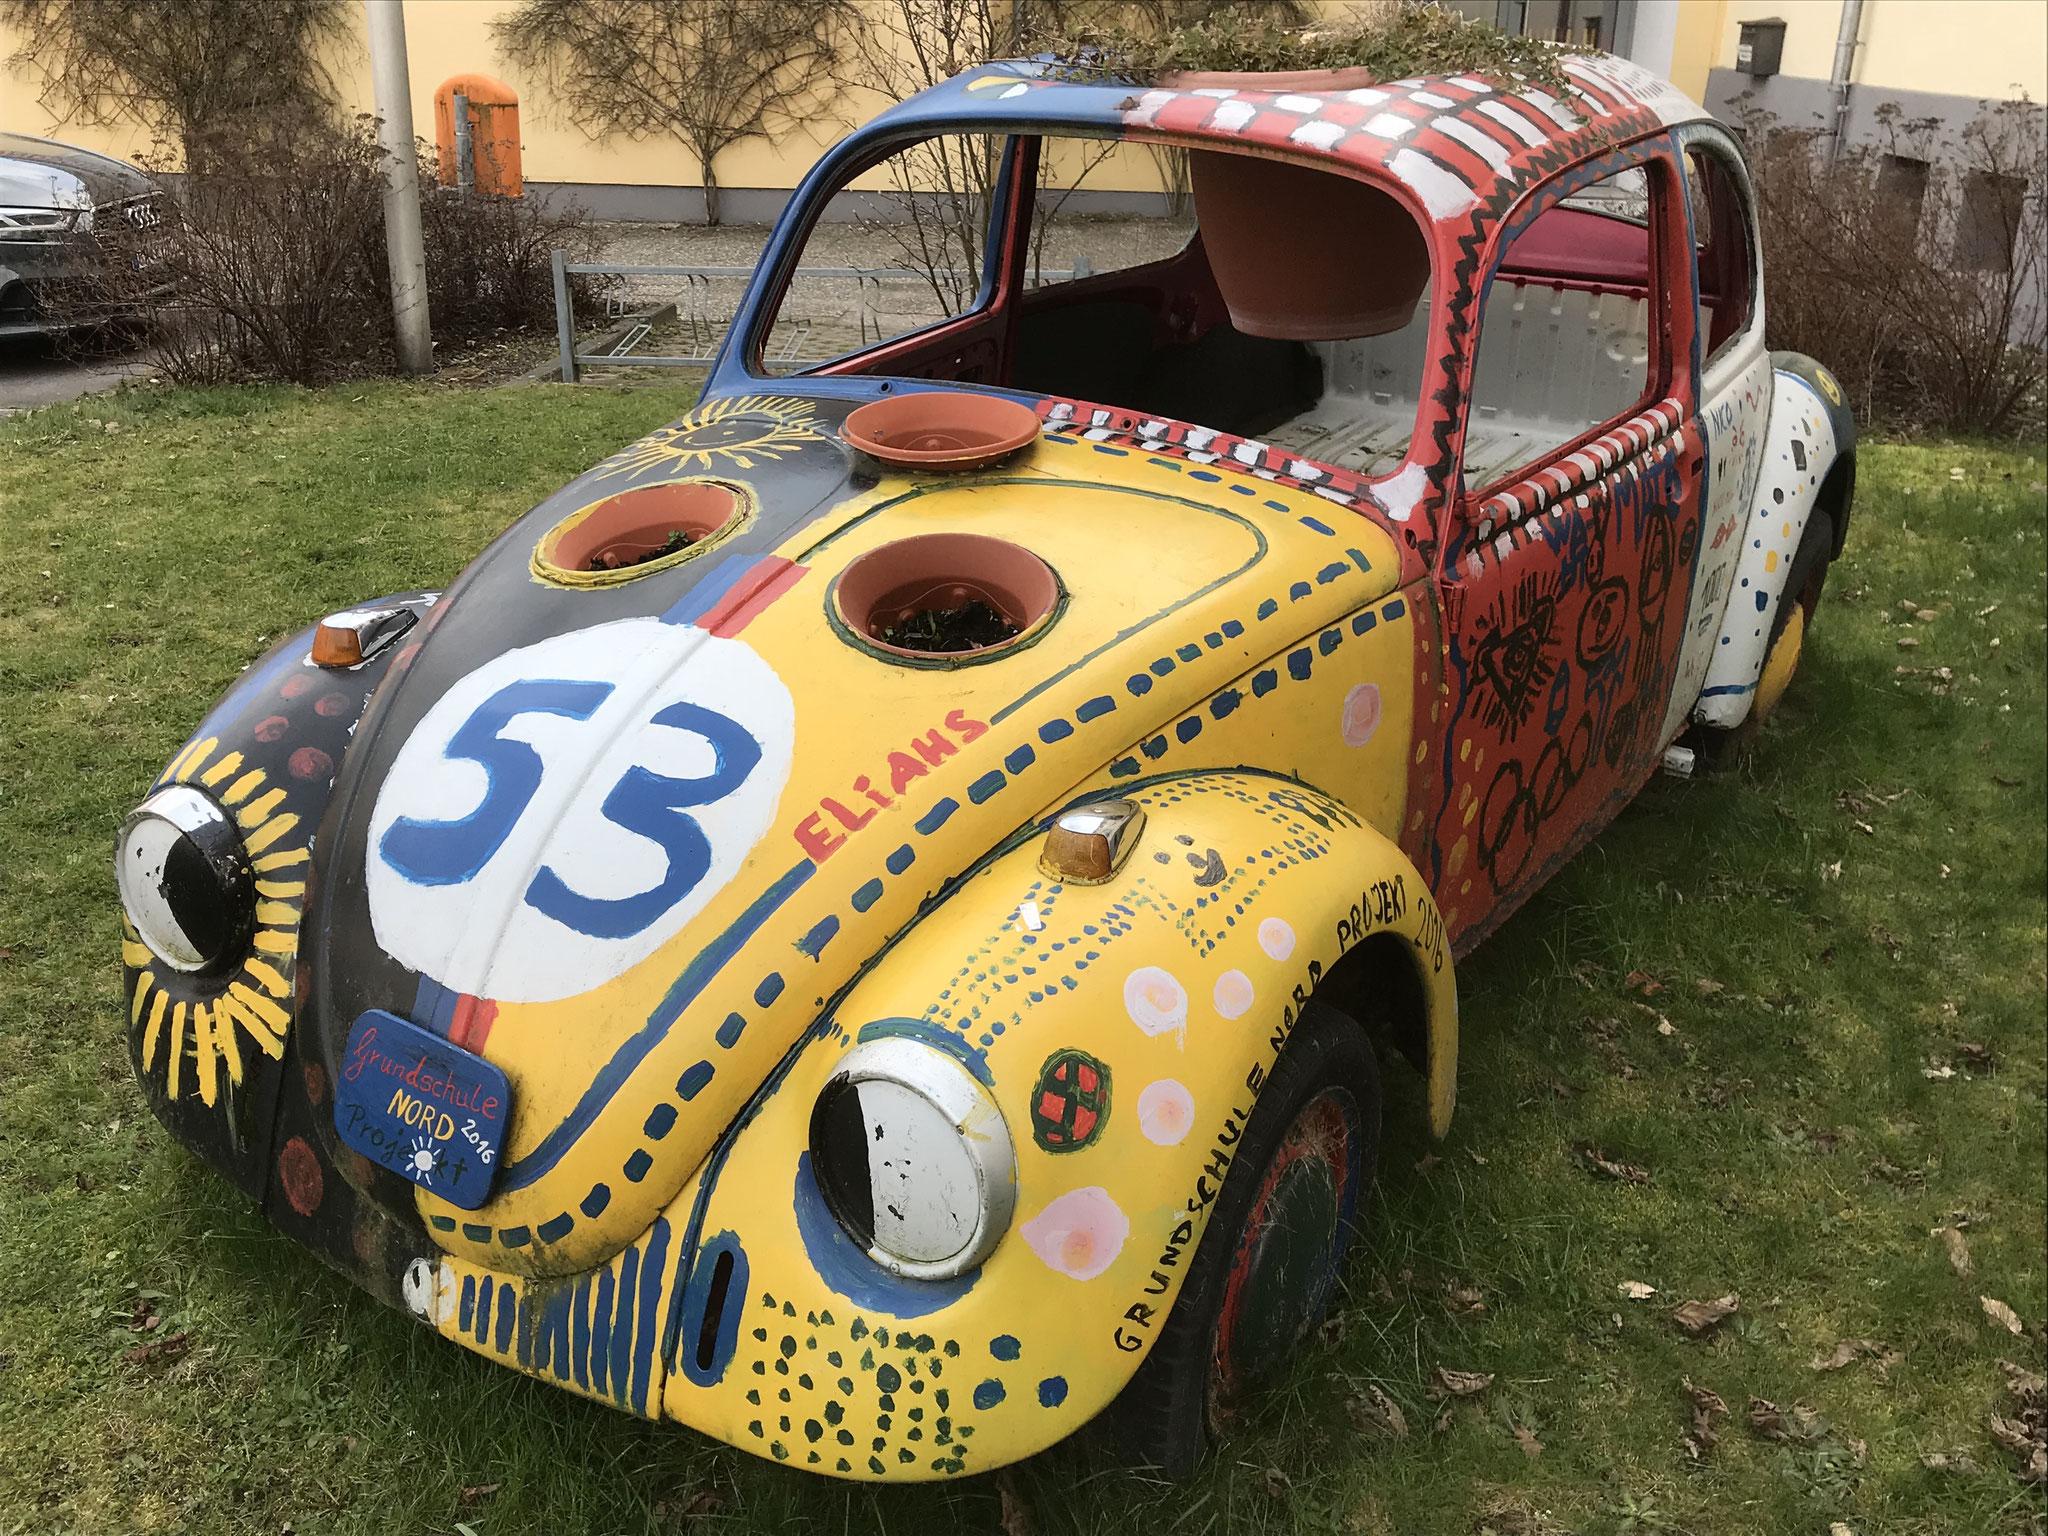 Einen VW Käfer zum Blumenkübel umgebaut.